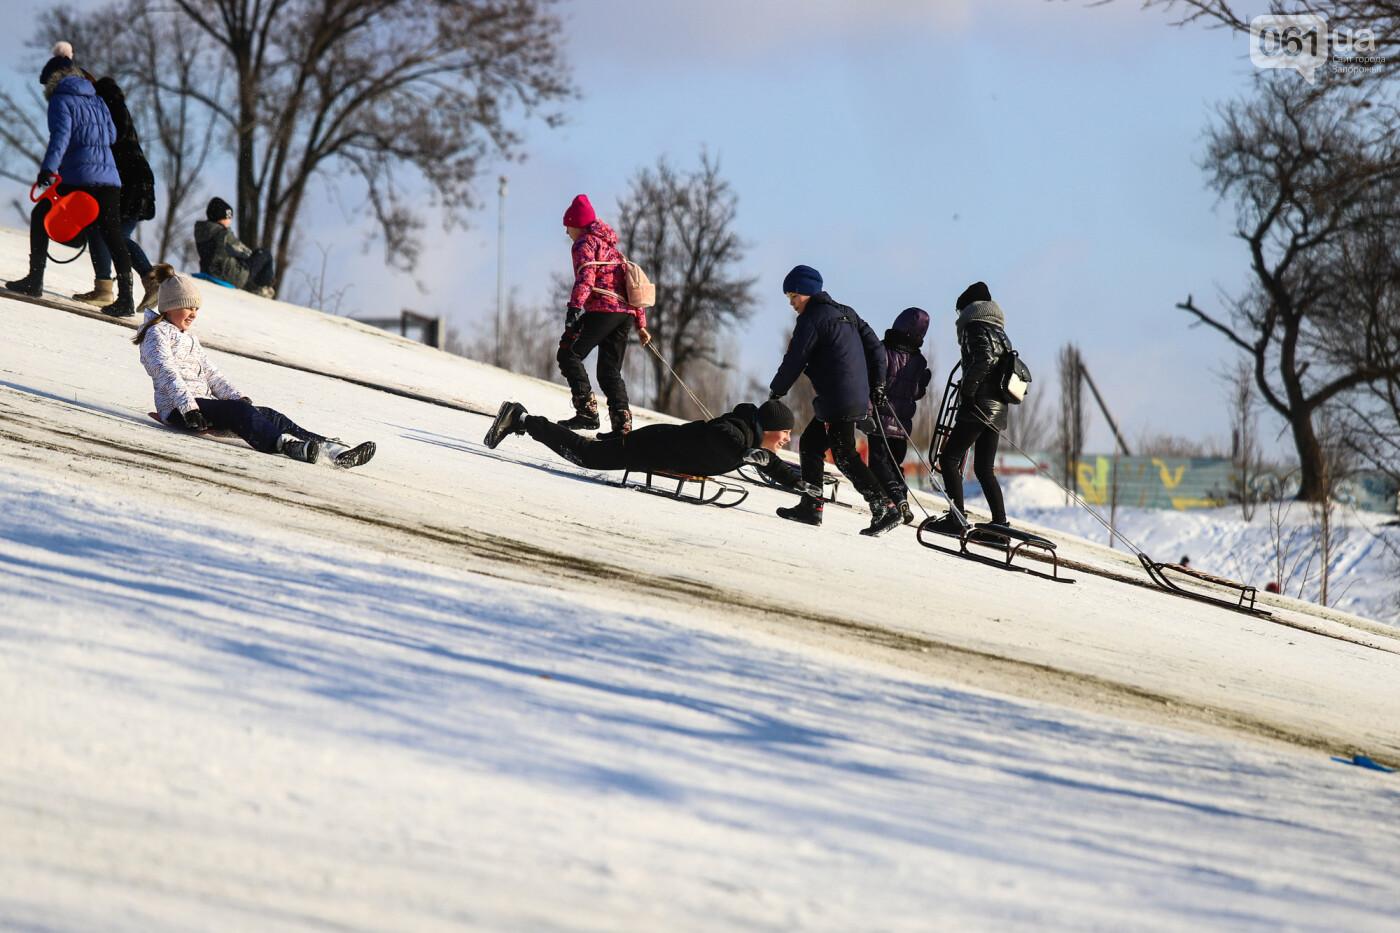 На санках, лыжах и сноуборде: запорожцы устроили массовое катание с горок в Вознесеновском парке, - ФОТОРЕПОРТАЖ, фото-99